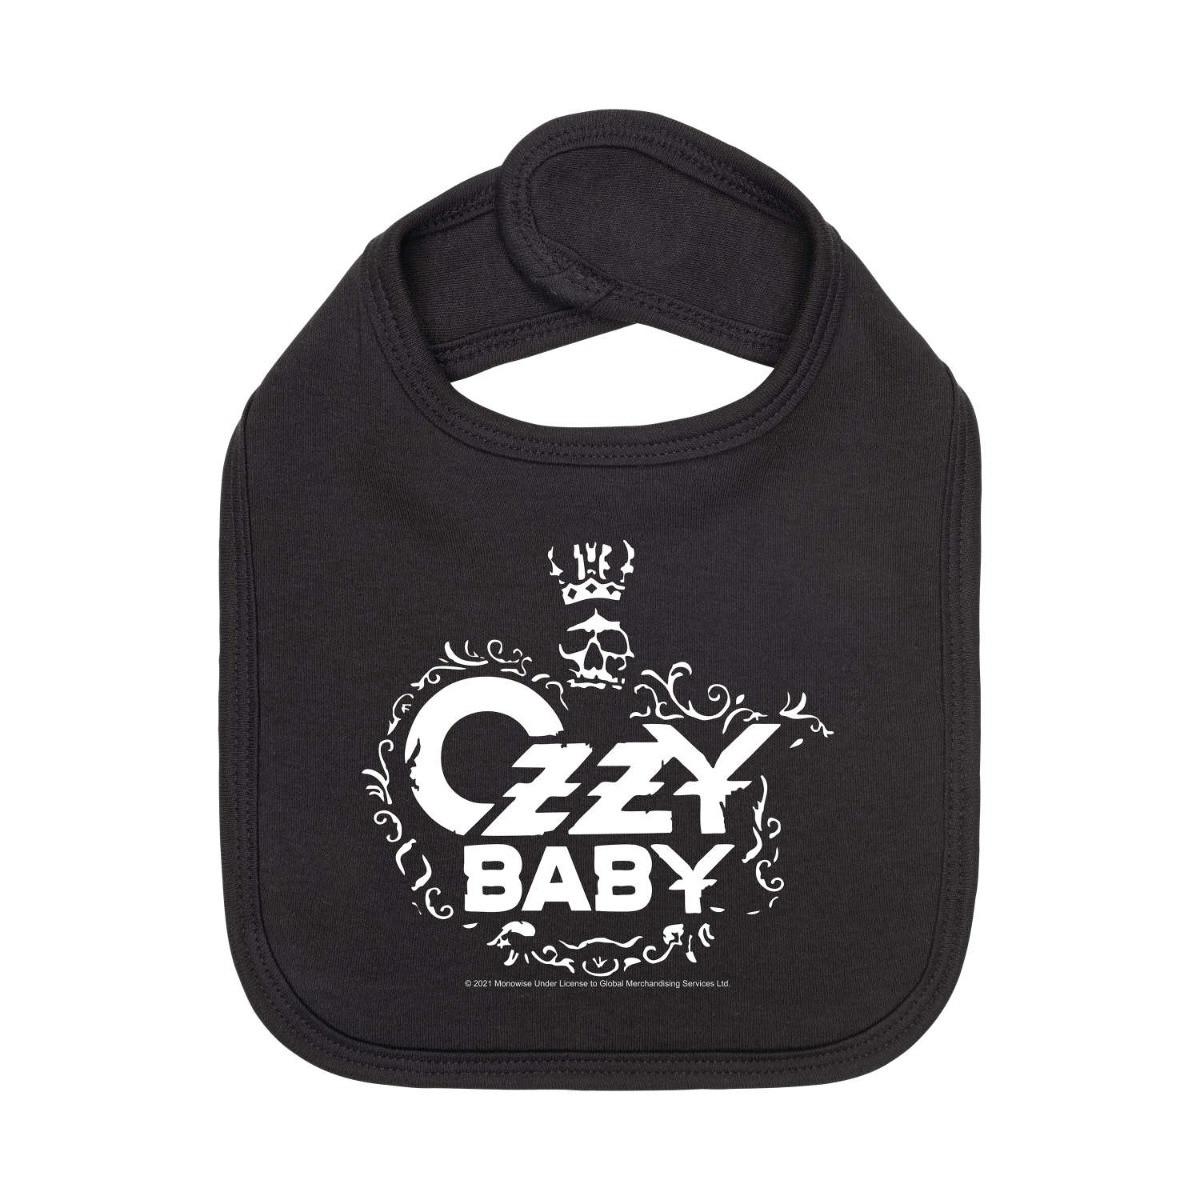 Ozzy Osbourne Baby Bib